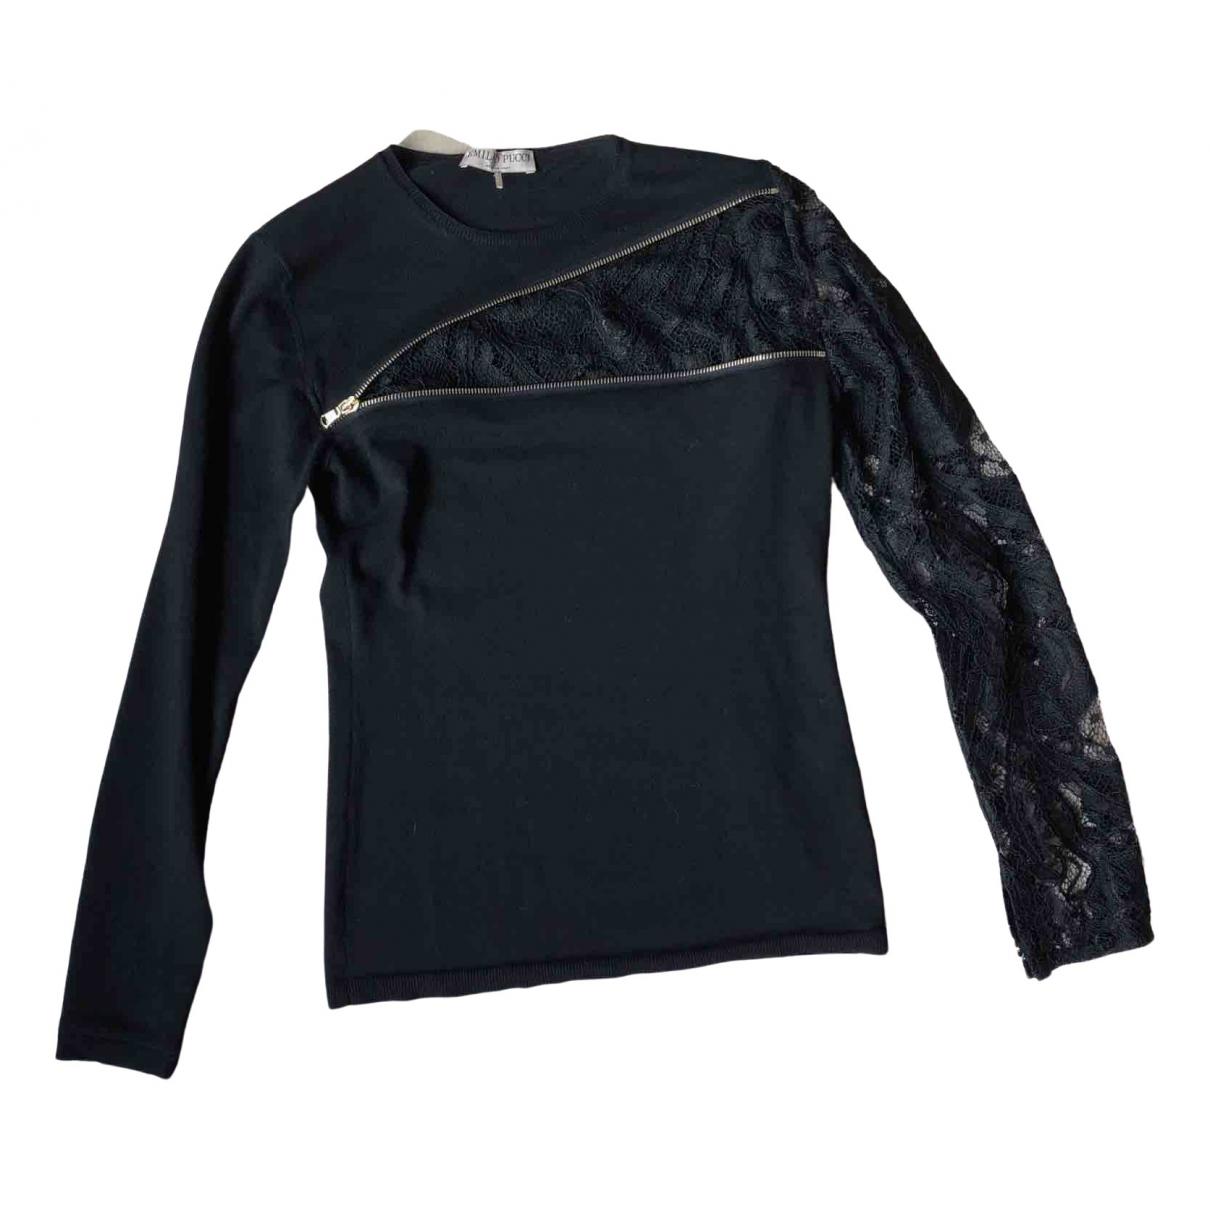 Emilio Pucci - Pull   pour femme en laine - noir